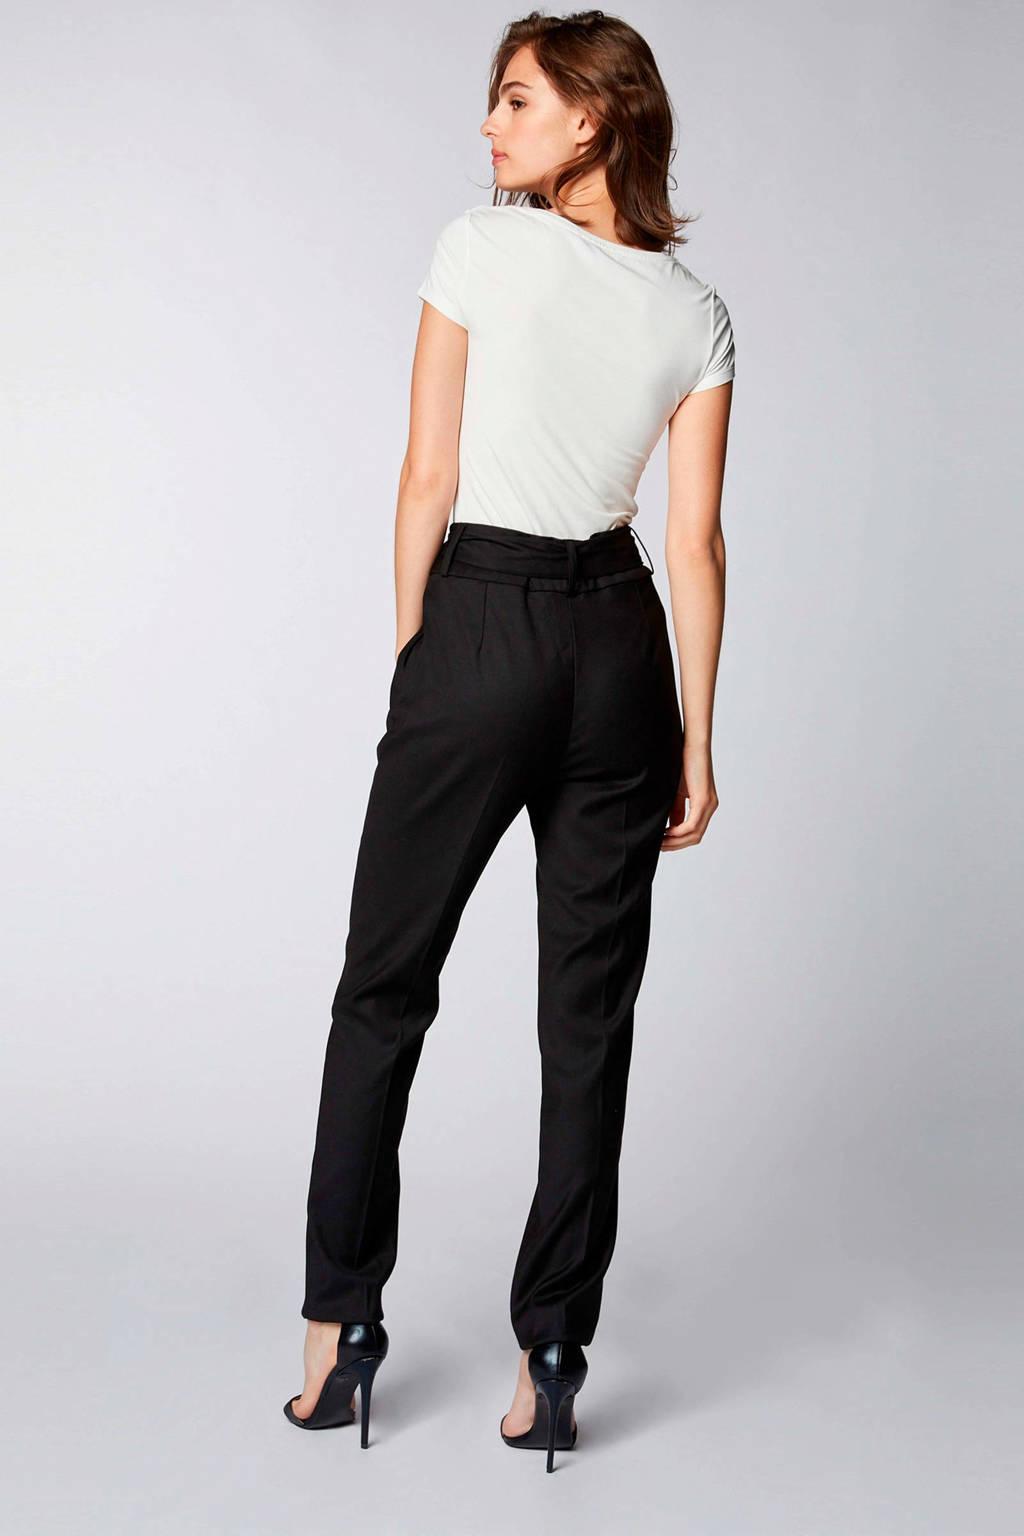 Morganstraight Fit Zwart Zwart Pantalon Fit Morganstraight Pantalon Pantalon Morganstraight Fit qfOwndfr7